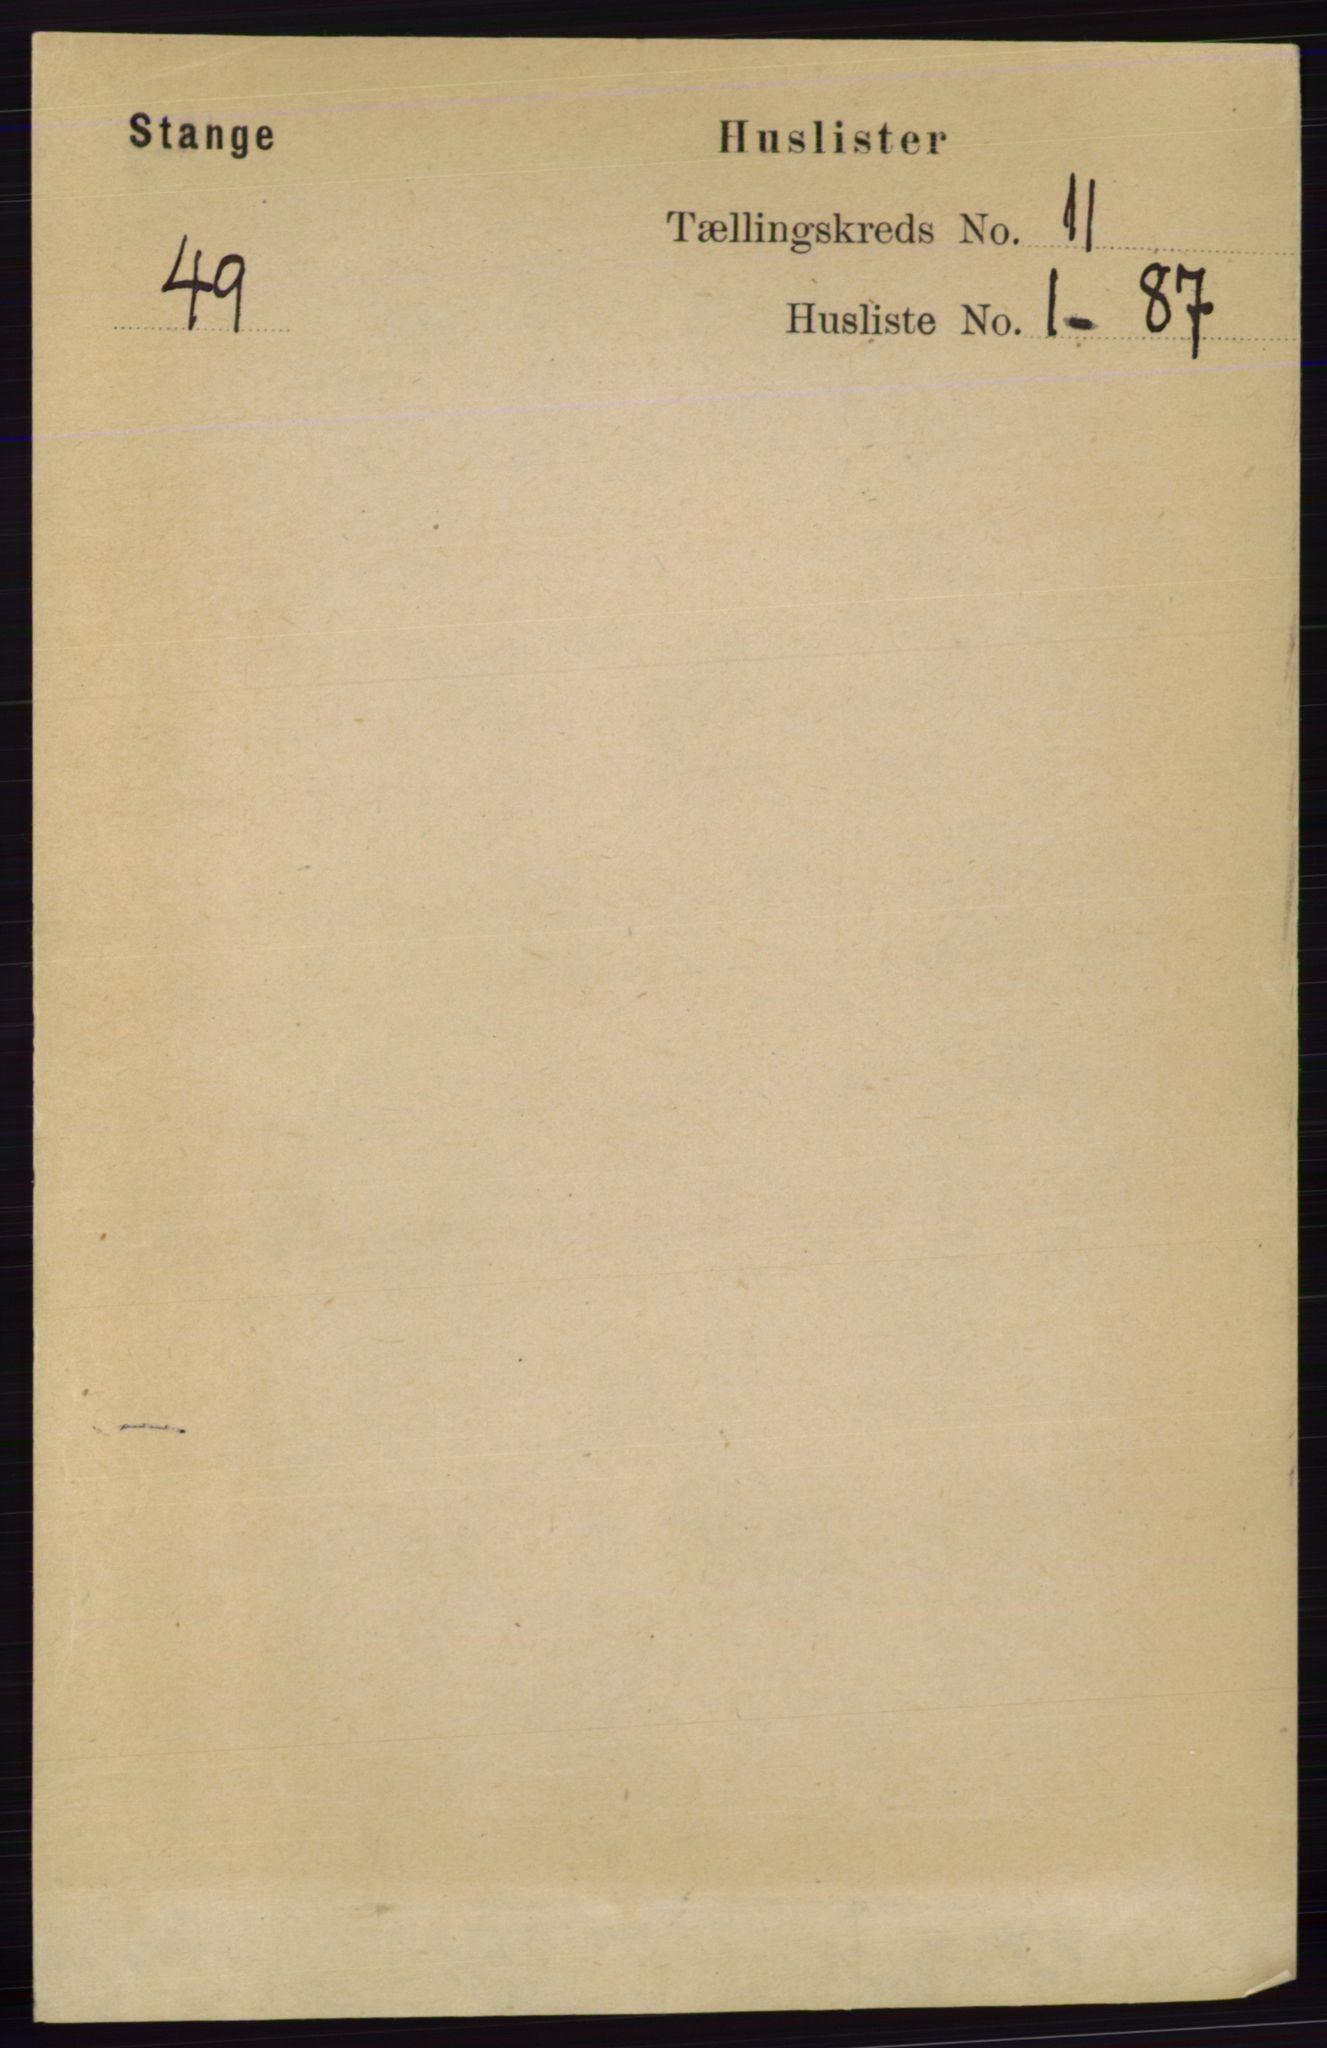 RA, Folketelling 1891 for 0417 Stange herred, 1891, s. 7430